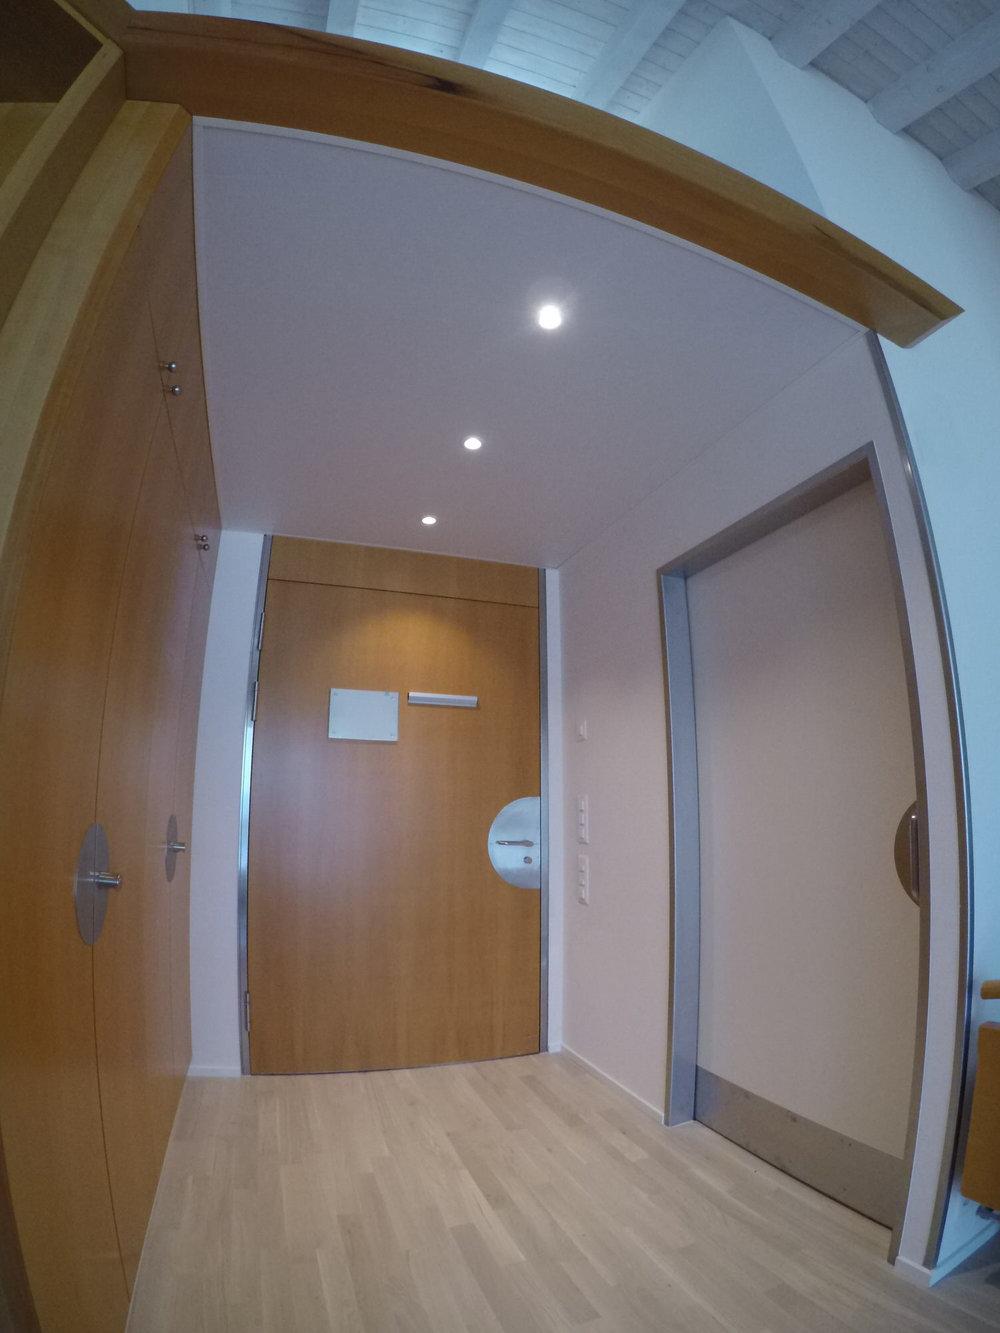 Akustikdecke im Eingangsbereich einer Wohnung des Seniorenzentrums Zwyden